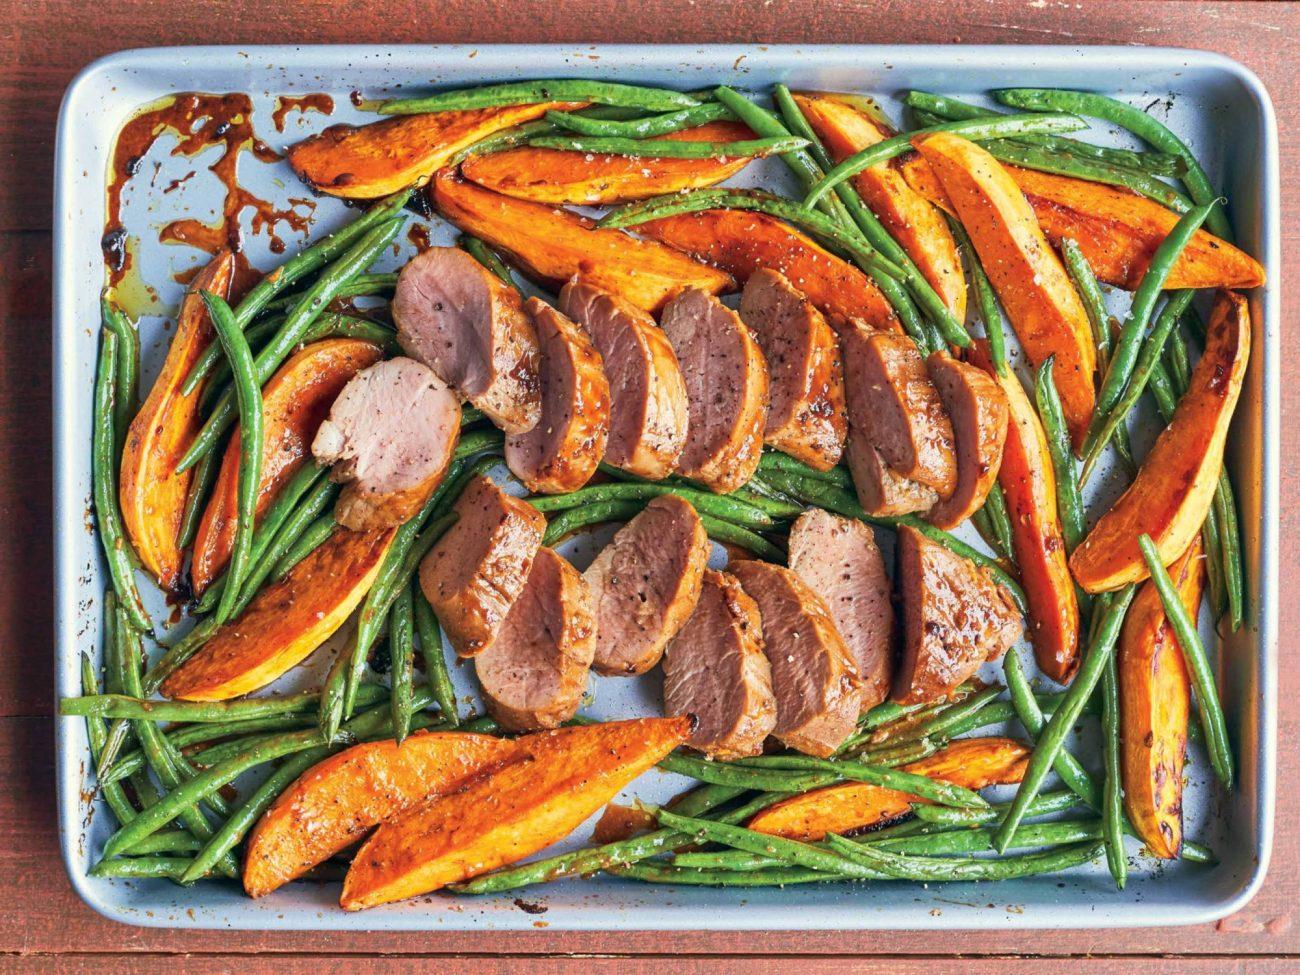 Plaque remplie de légumes et d'un filet de porc